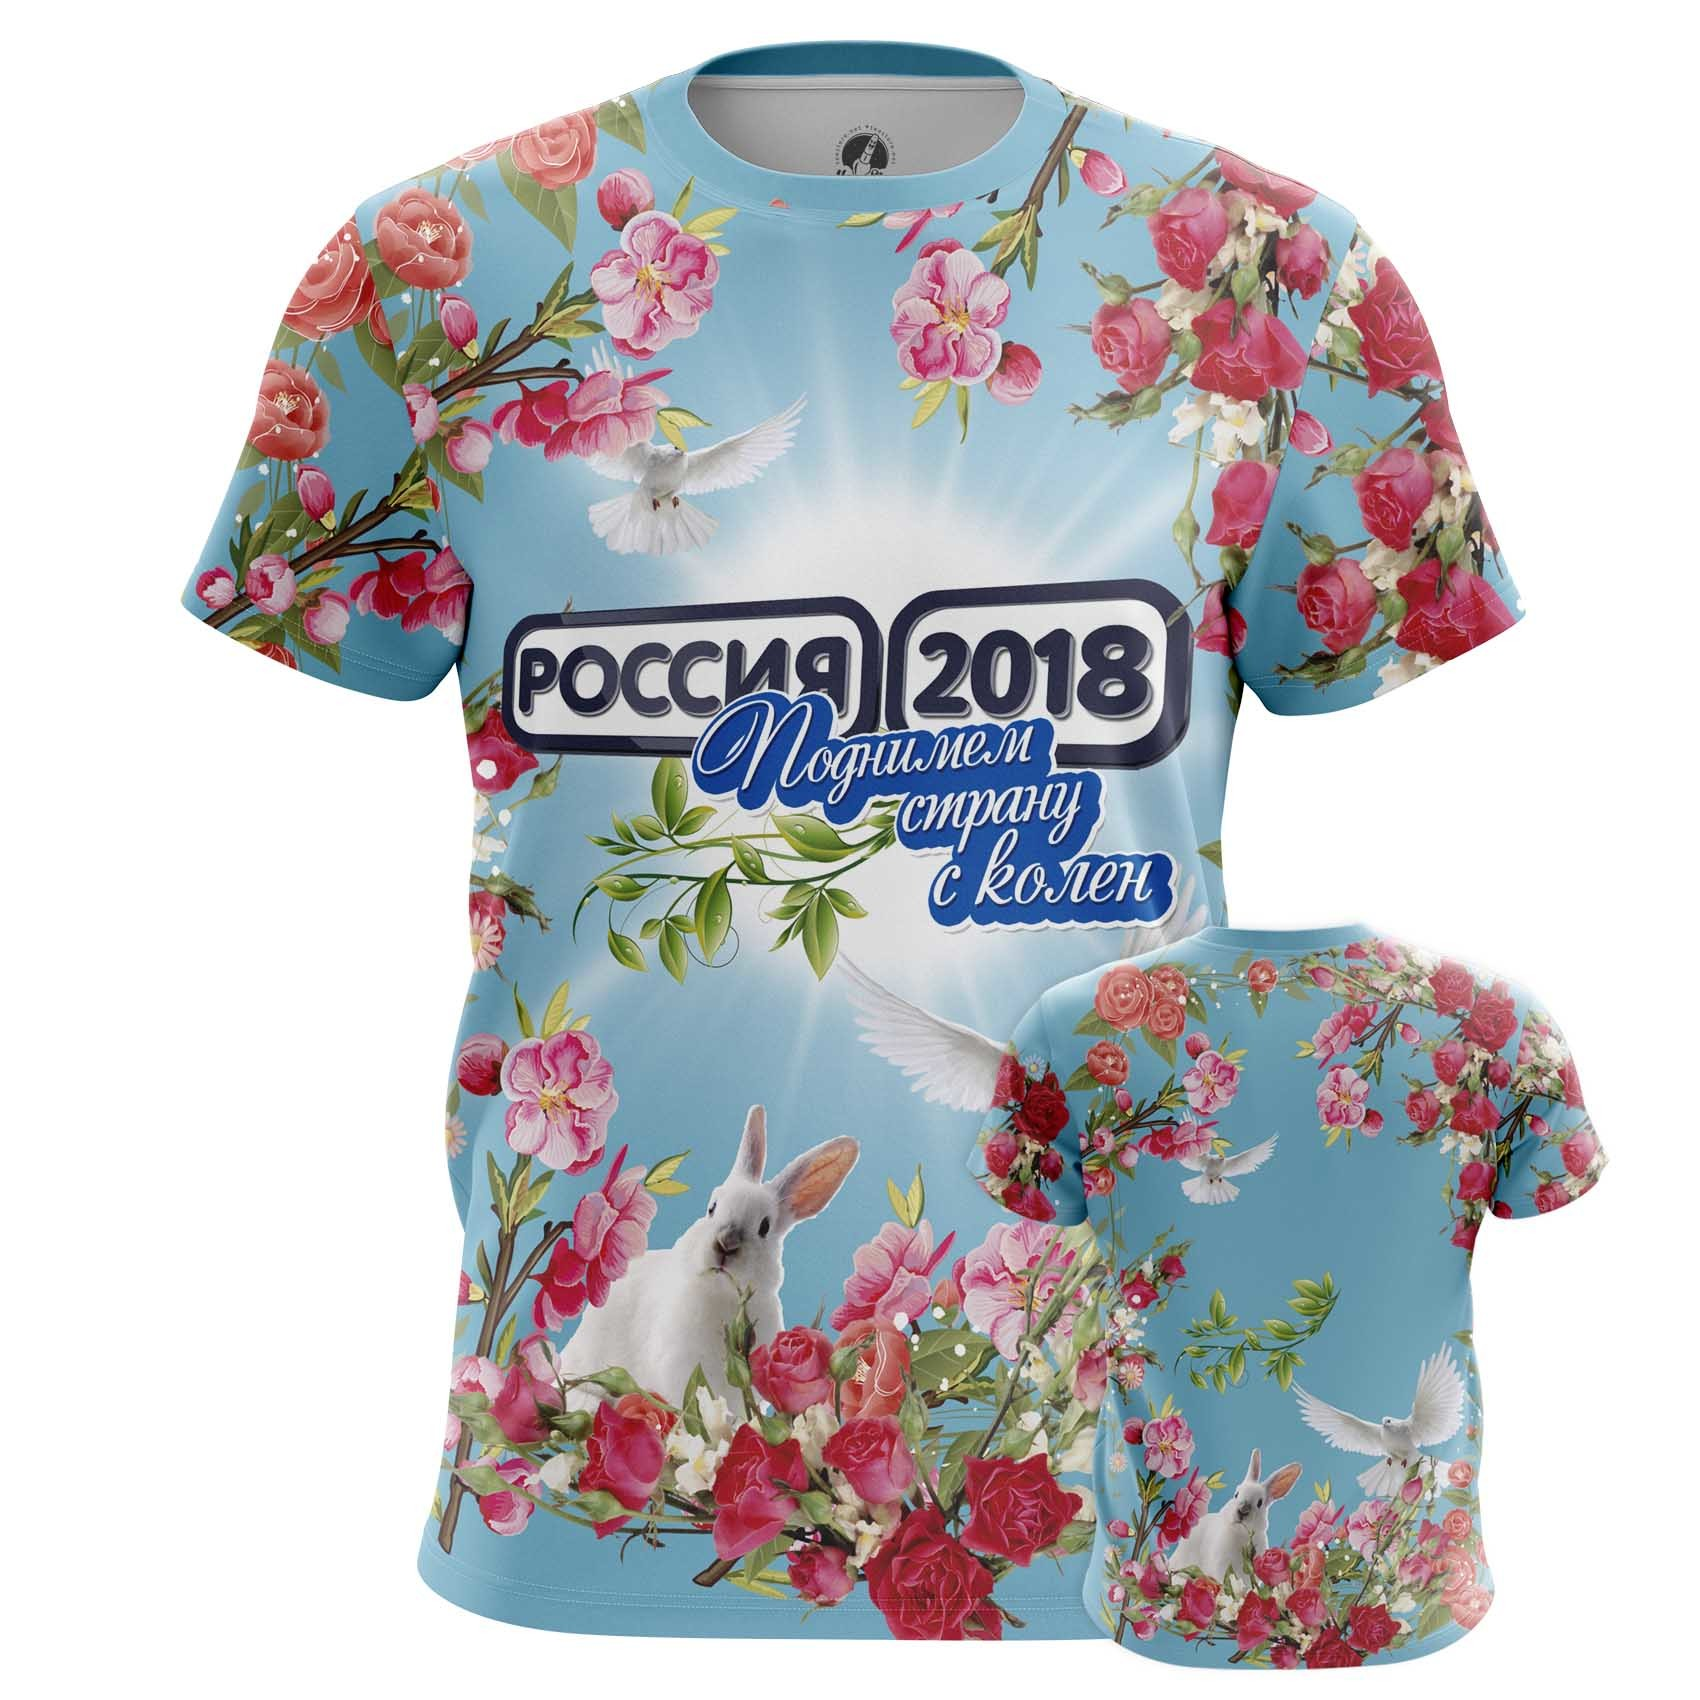 Футболка Россия 2018 купить